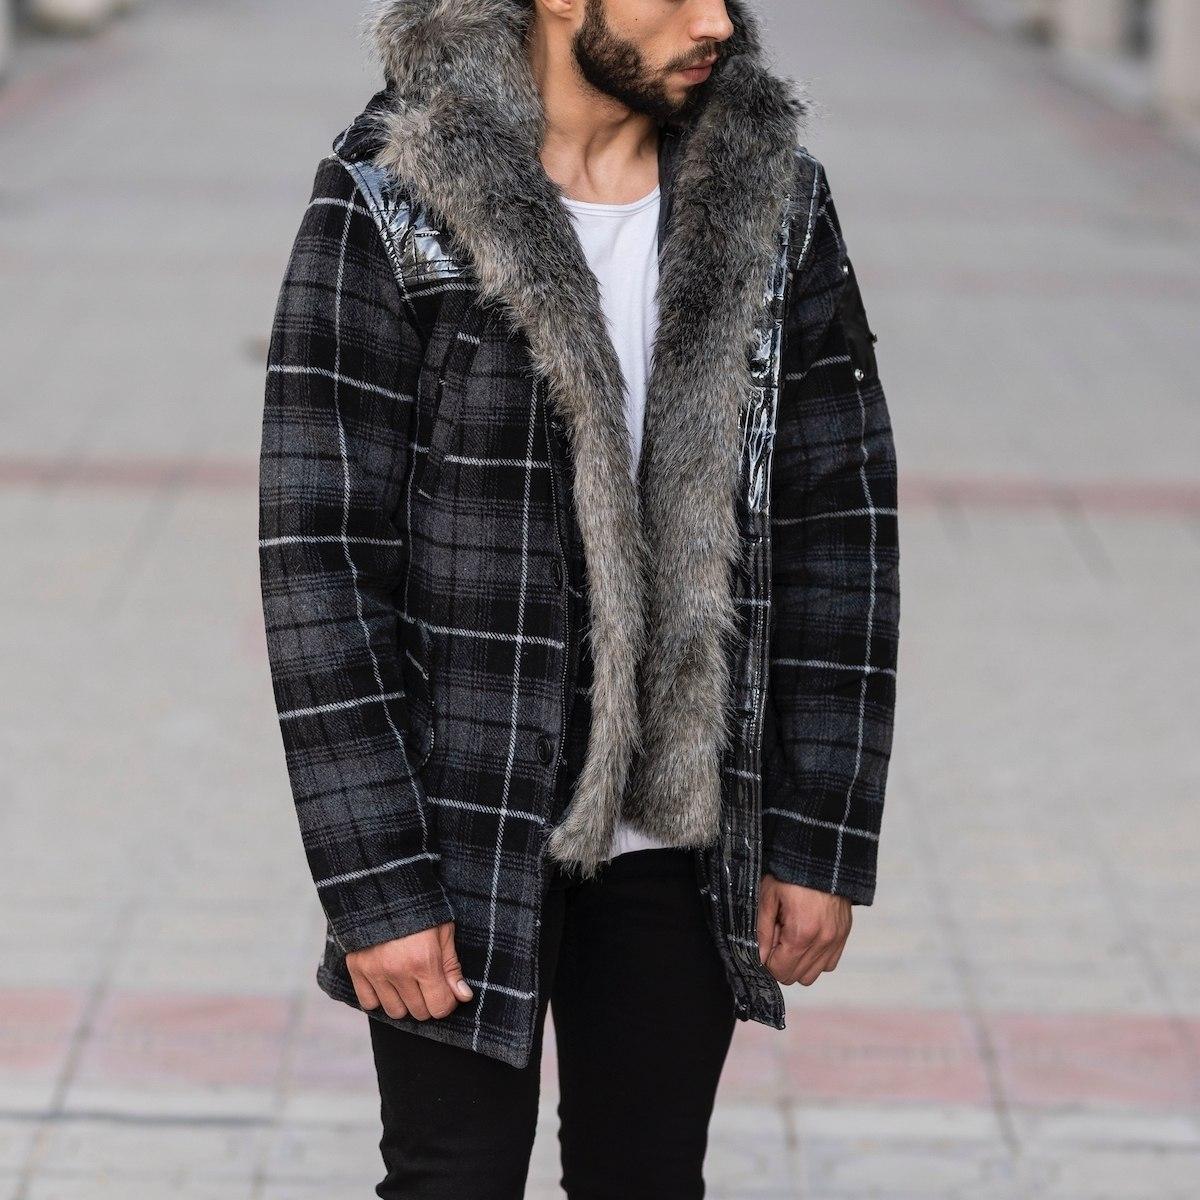 Furry Plaid Jacket With Hood